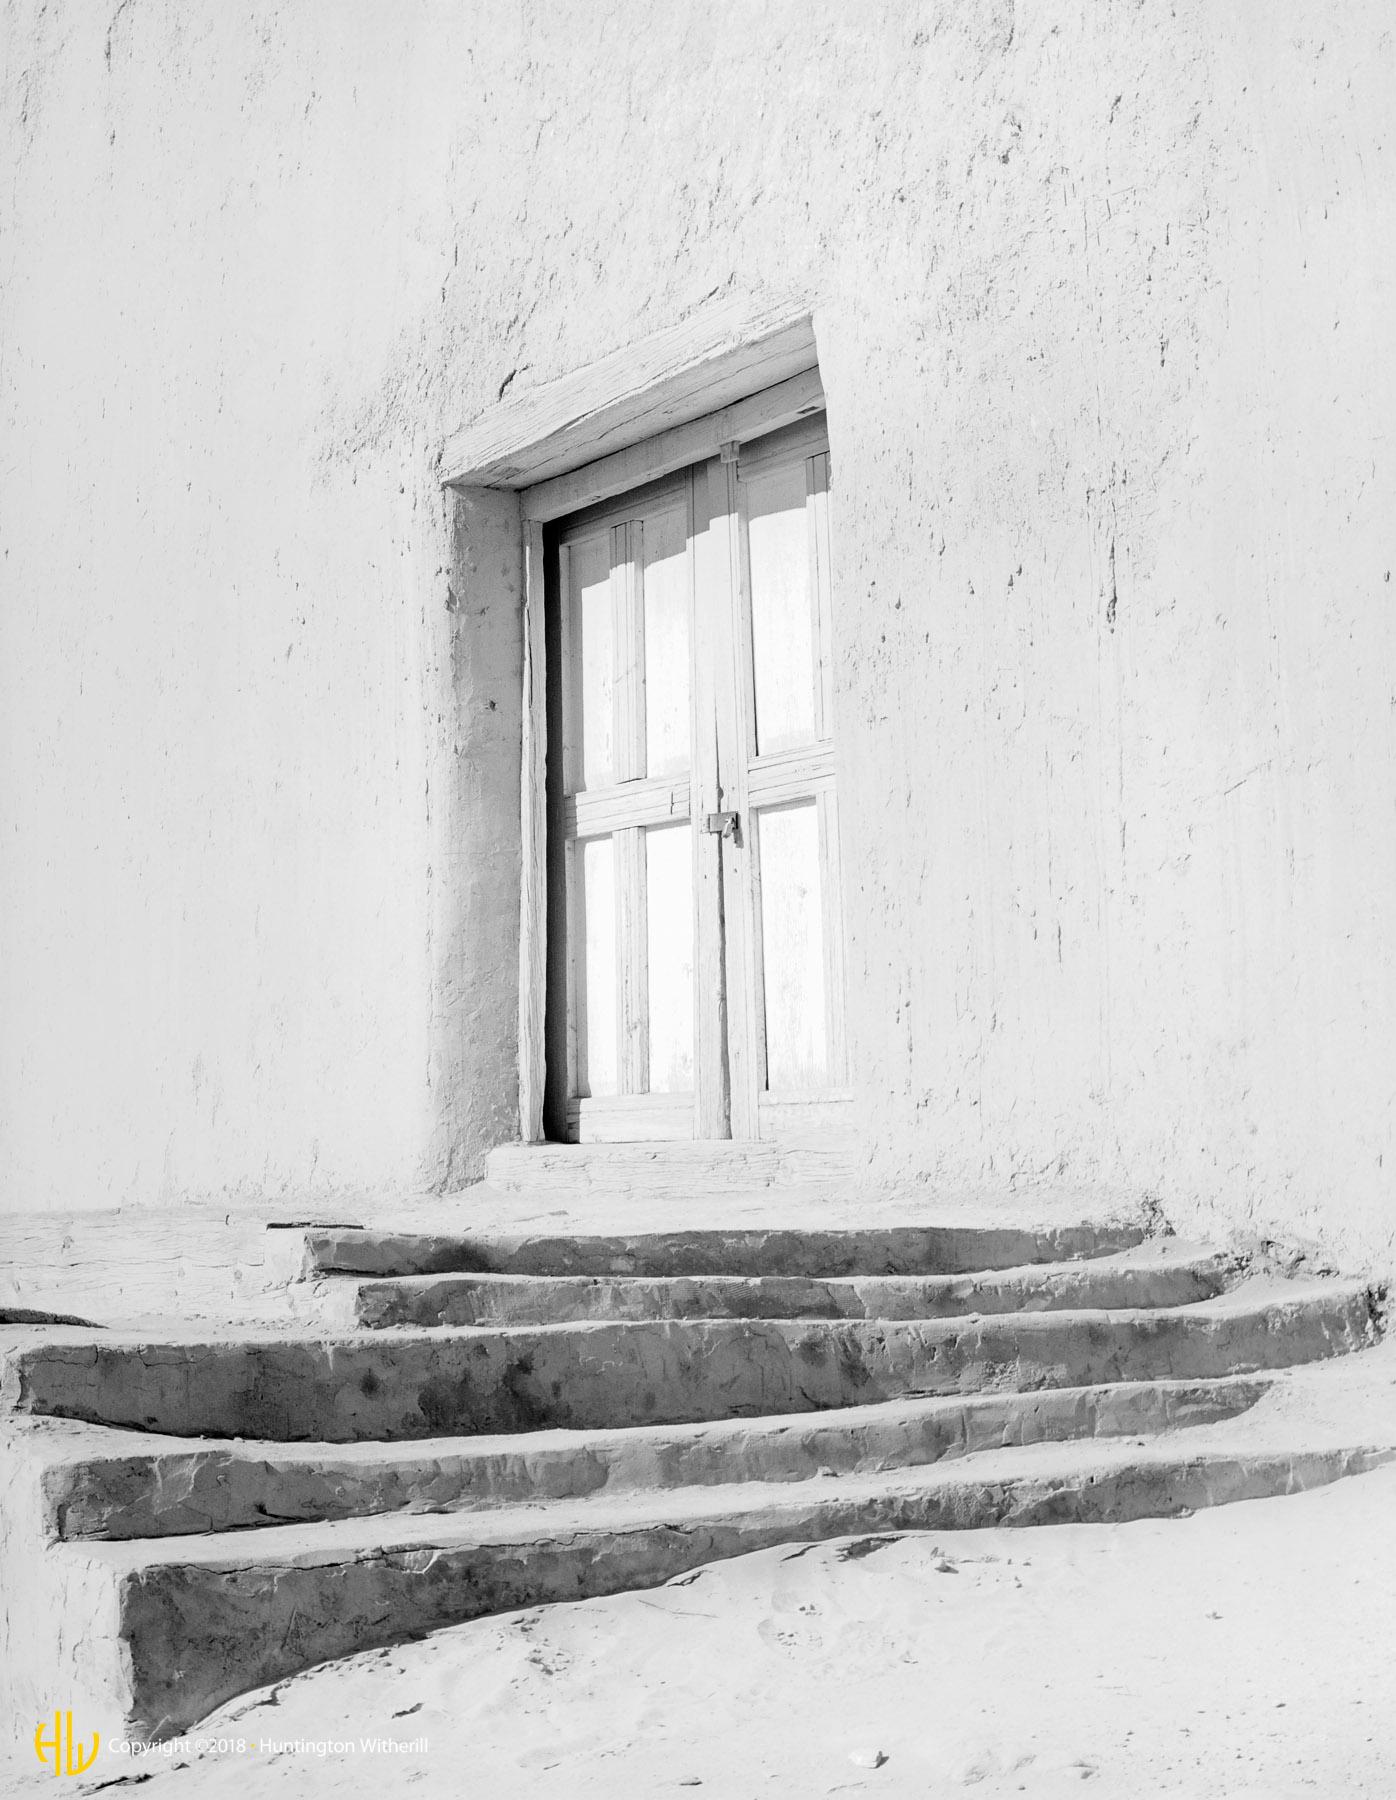 Mission Entrance, Acoma Pueblo, New Mexico, 1981